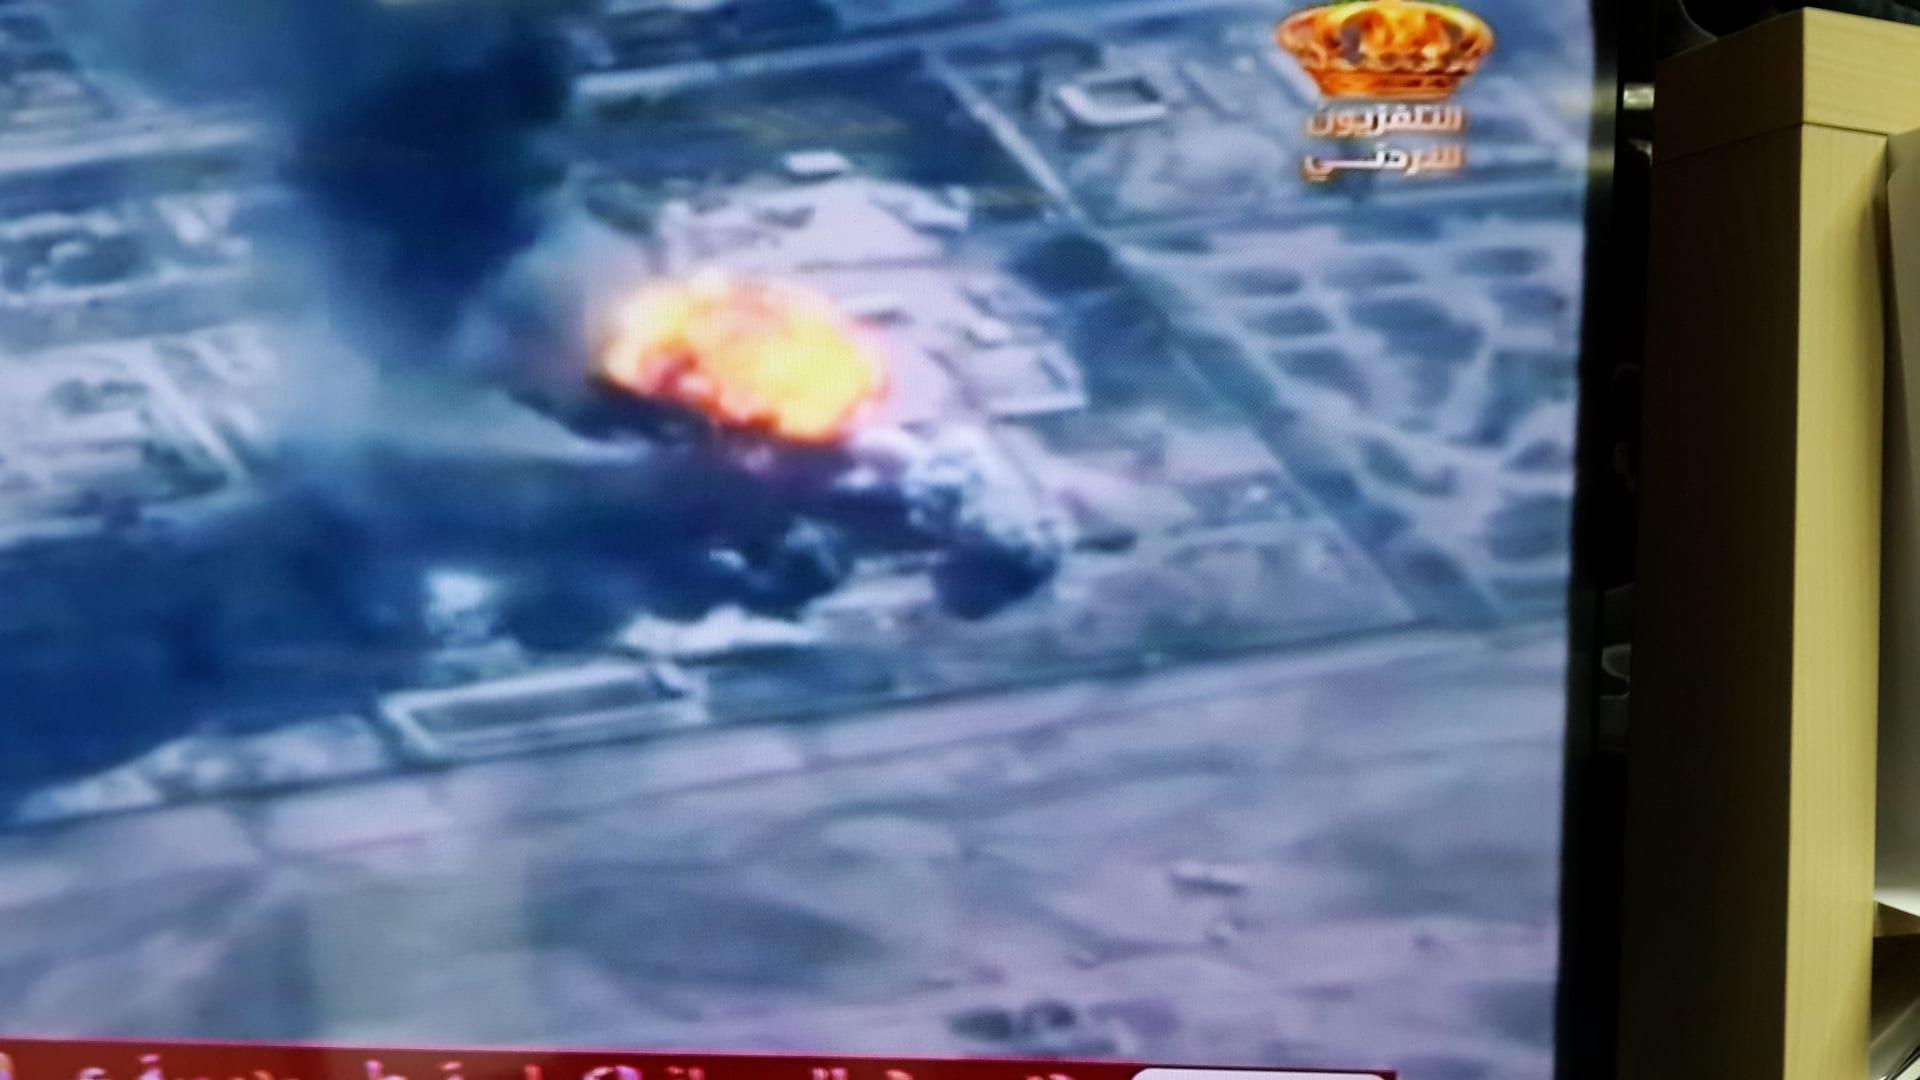 """20 مقاتلة أردنية F-16  بصحبة طائرات أمريكية تقصف """"داعش"""" في الجولة الثانية من عملية """"الشهيد معاذ"""""""